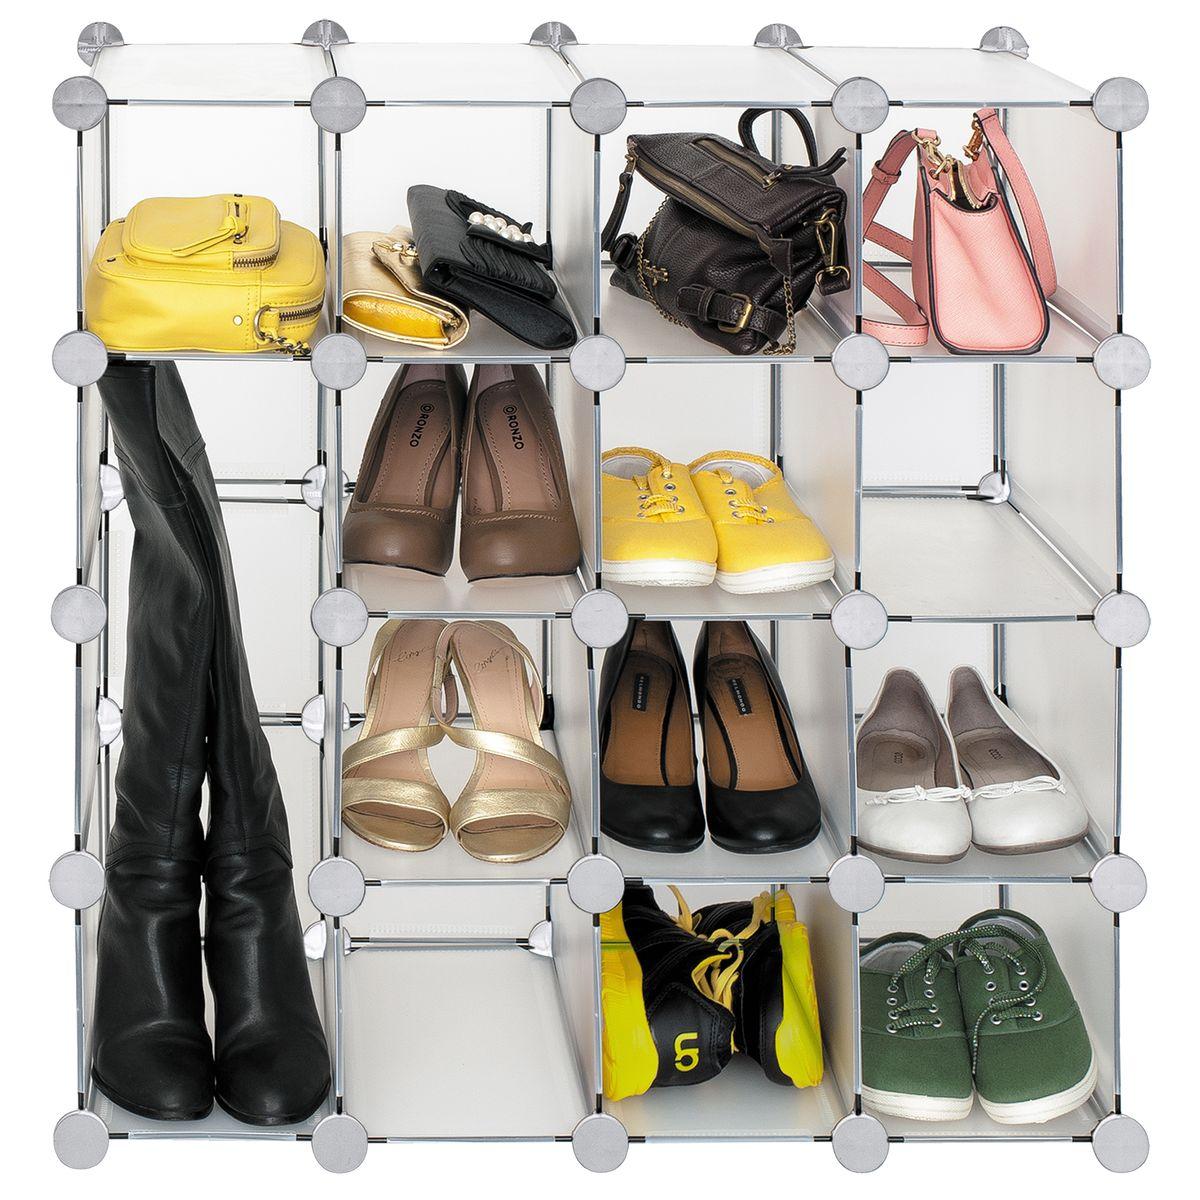 Стеллаж для обуви Tatkraft Smart Cube, цвет: серый13346Стеллаж для обуви, 16 ячеек. Современный дизайн,легко моющиеся полупрозрачный материал. Умный конструктор - регулируемая форма впишется в любое помещение, размер кубов меняется для различного использования . Подходит для обуви, сапог, сумок, игрушек.